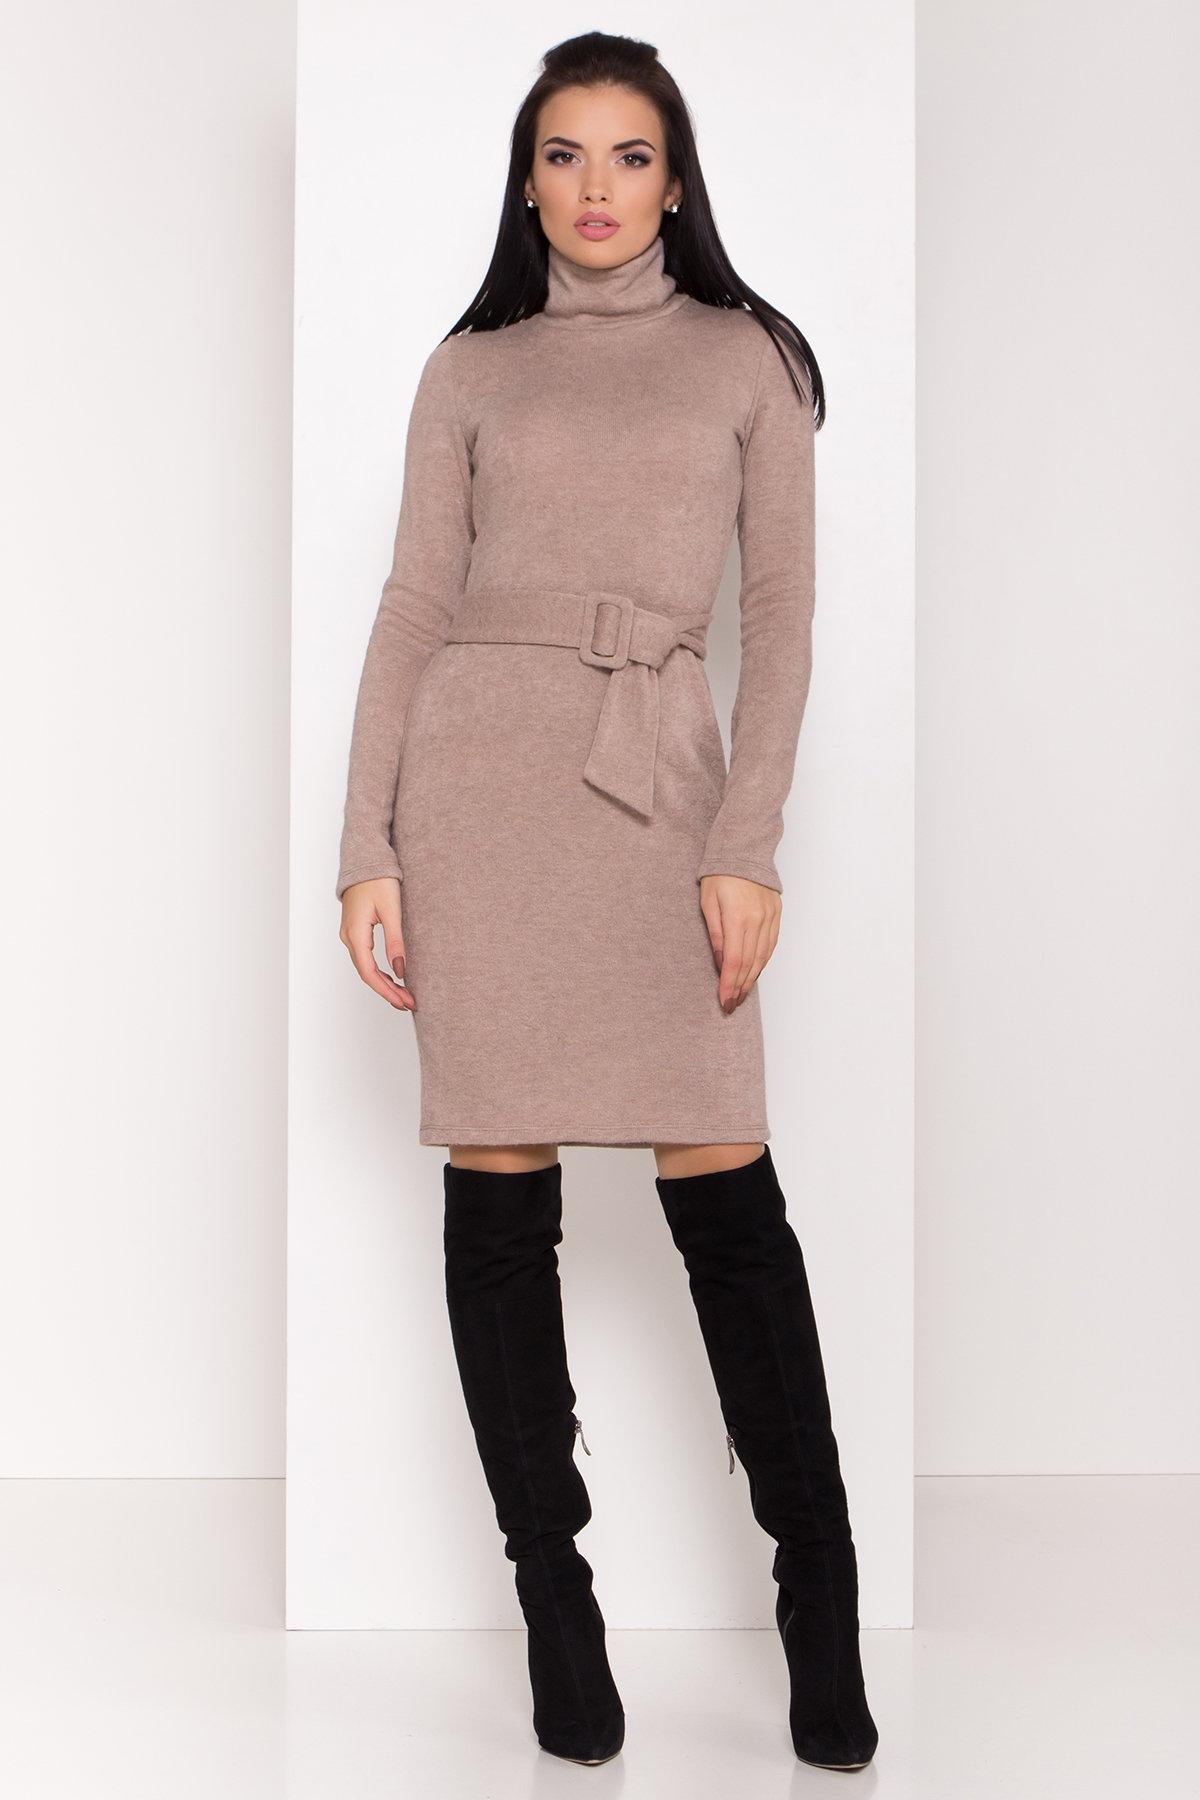 Купить платье оптом Украина Modus Платье из ангоры Вери 8258